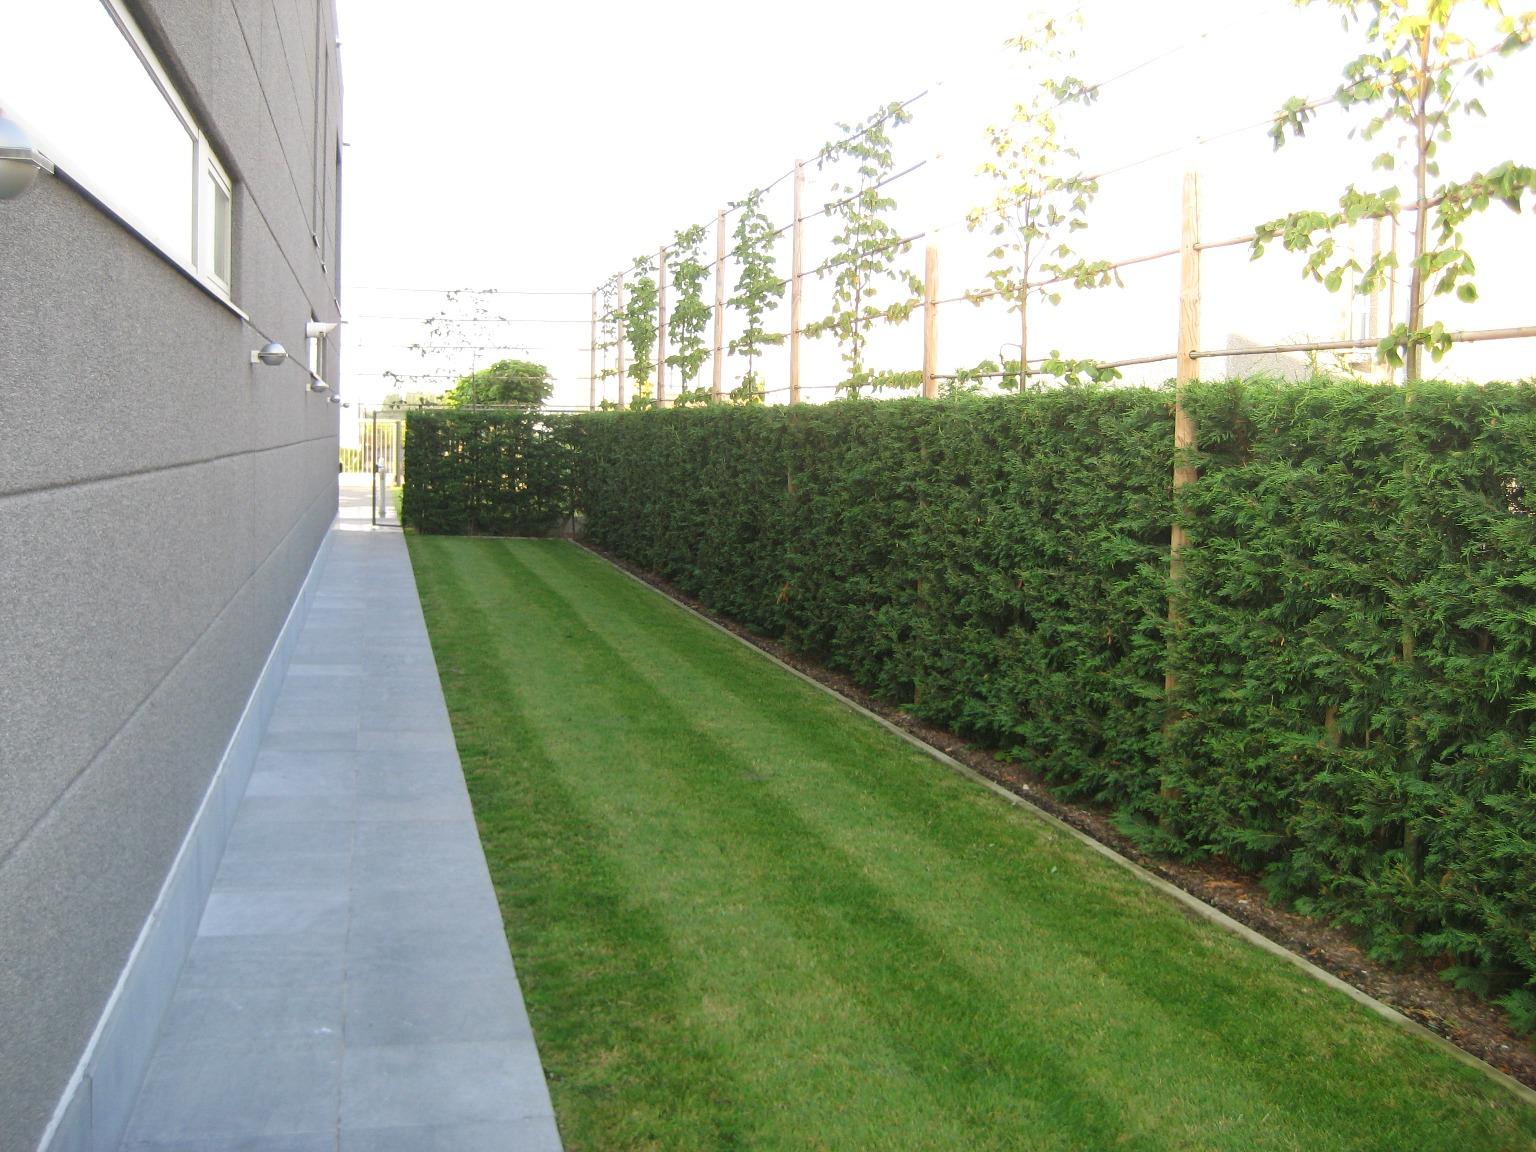 2011 tuinen van dorpe - Aangelegde tuin met kiezelstenen ...